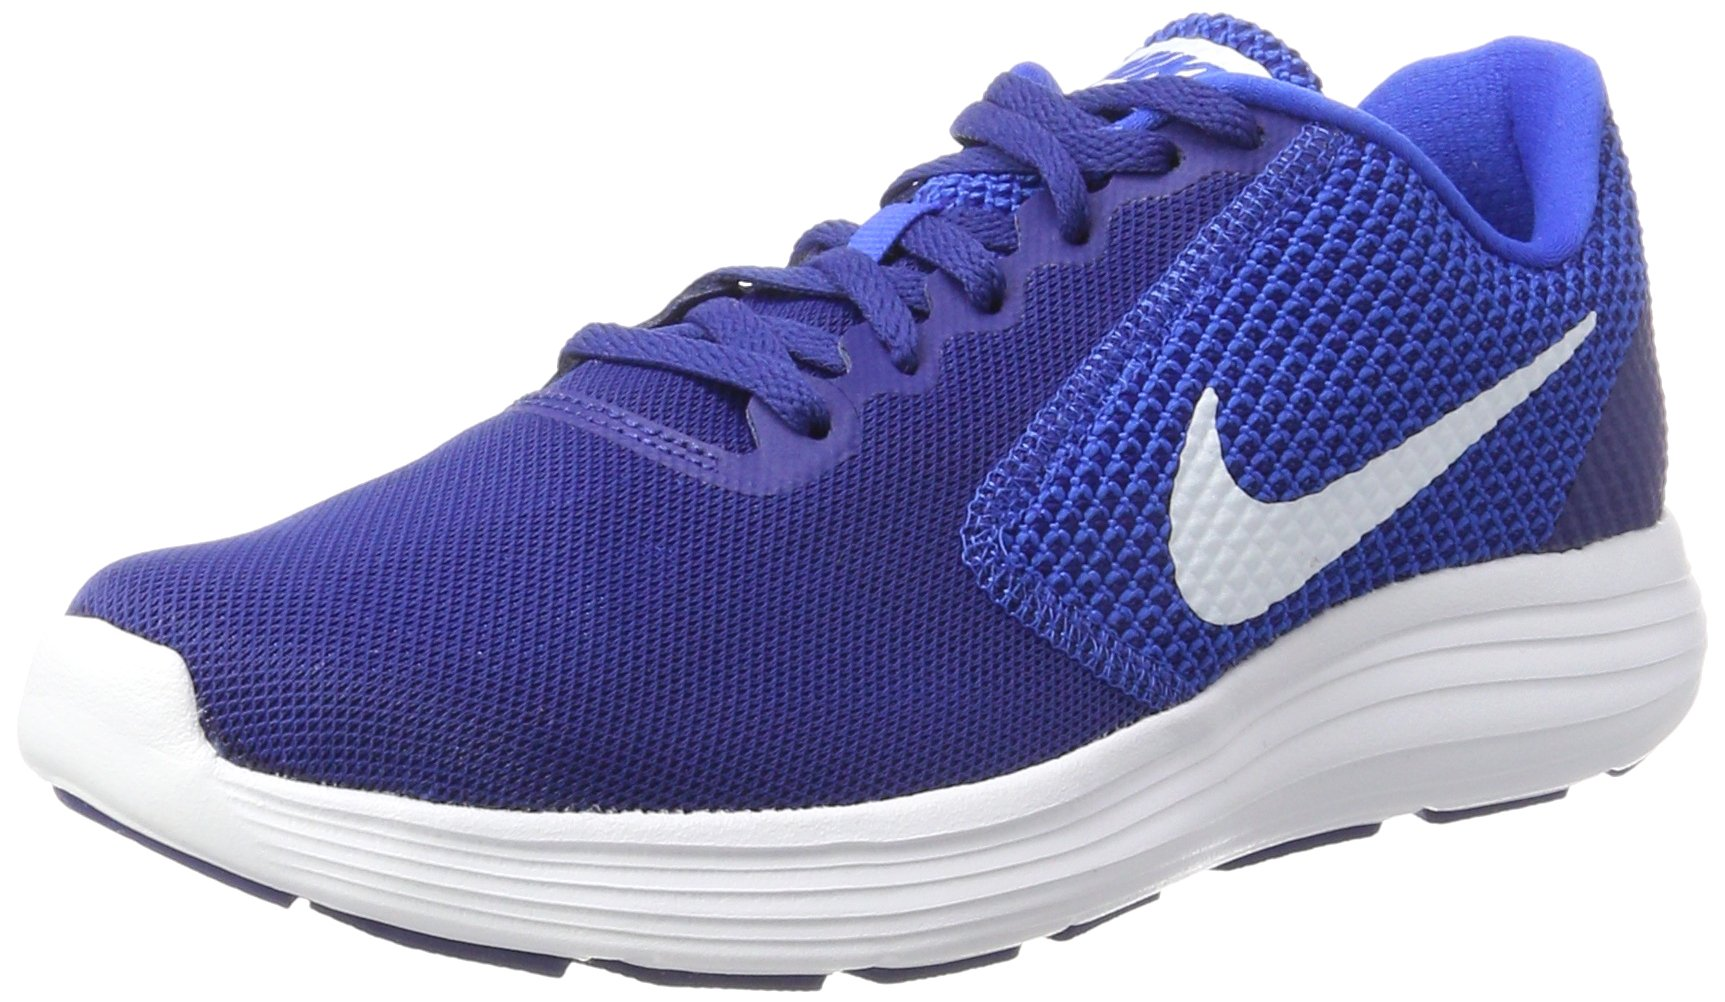 NIKE Men's Revolution 3 Running Shoe, Deep Royal Blue/White/Hyper Cobalt, 6 D(M) US